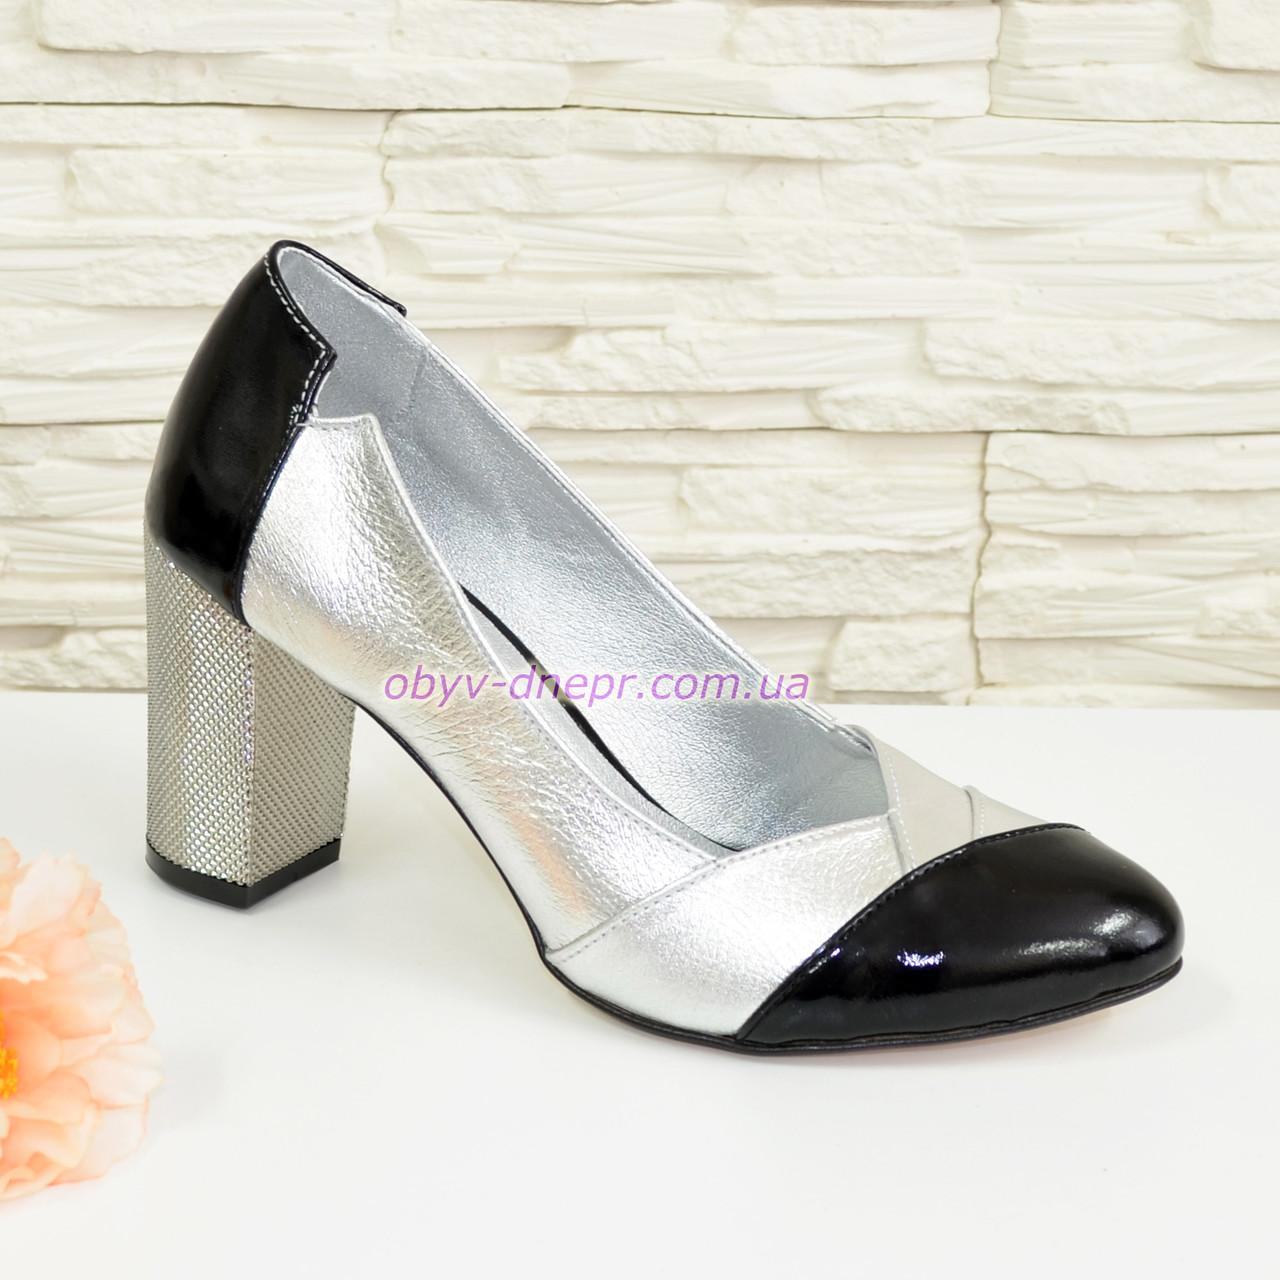 Туфли женские классические на невысоком каблуке, натуральная кожа и лак.